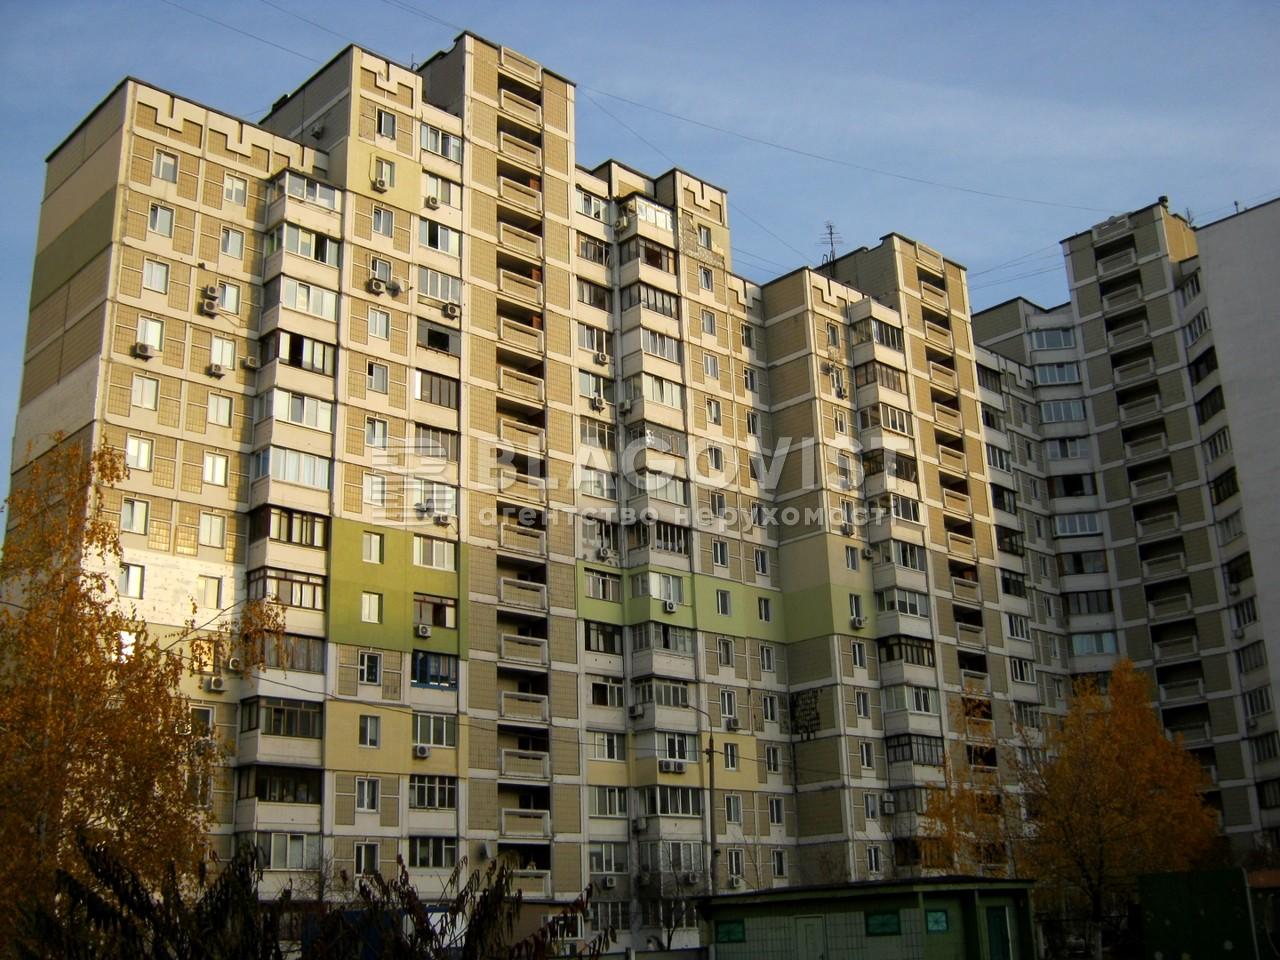 Квартира R-16292, Срибнокильская, 4, Киев - Фото 1